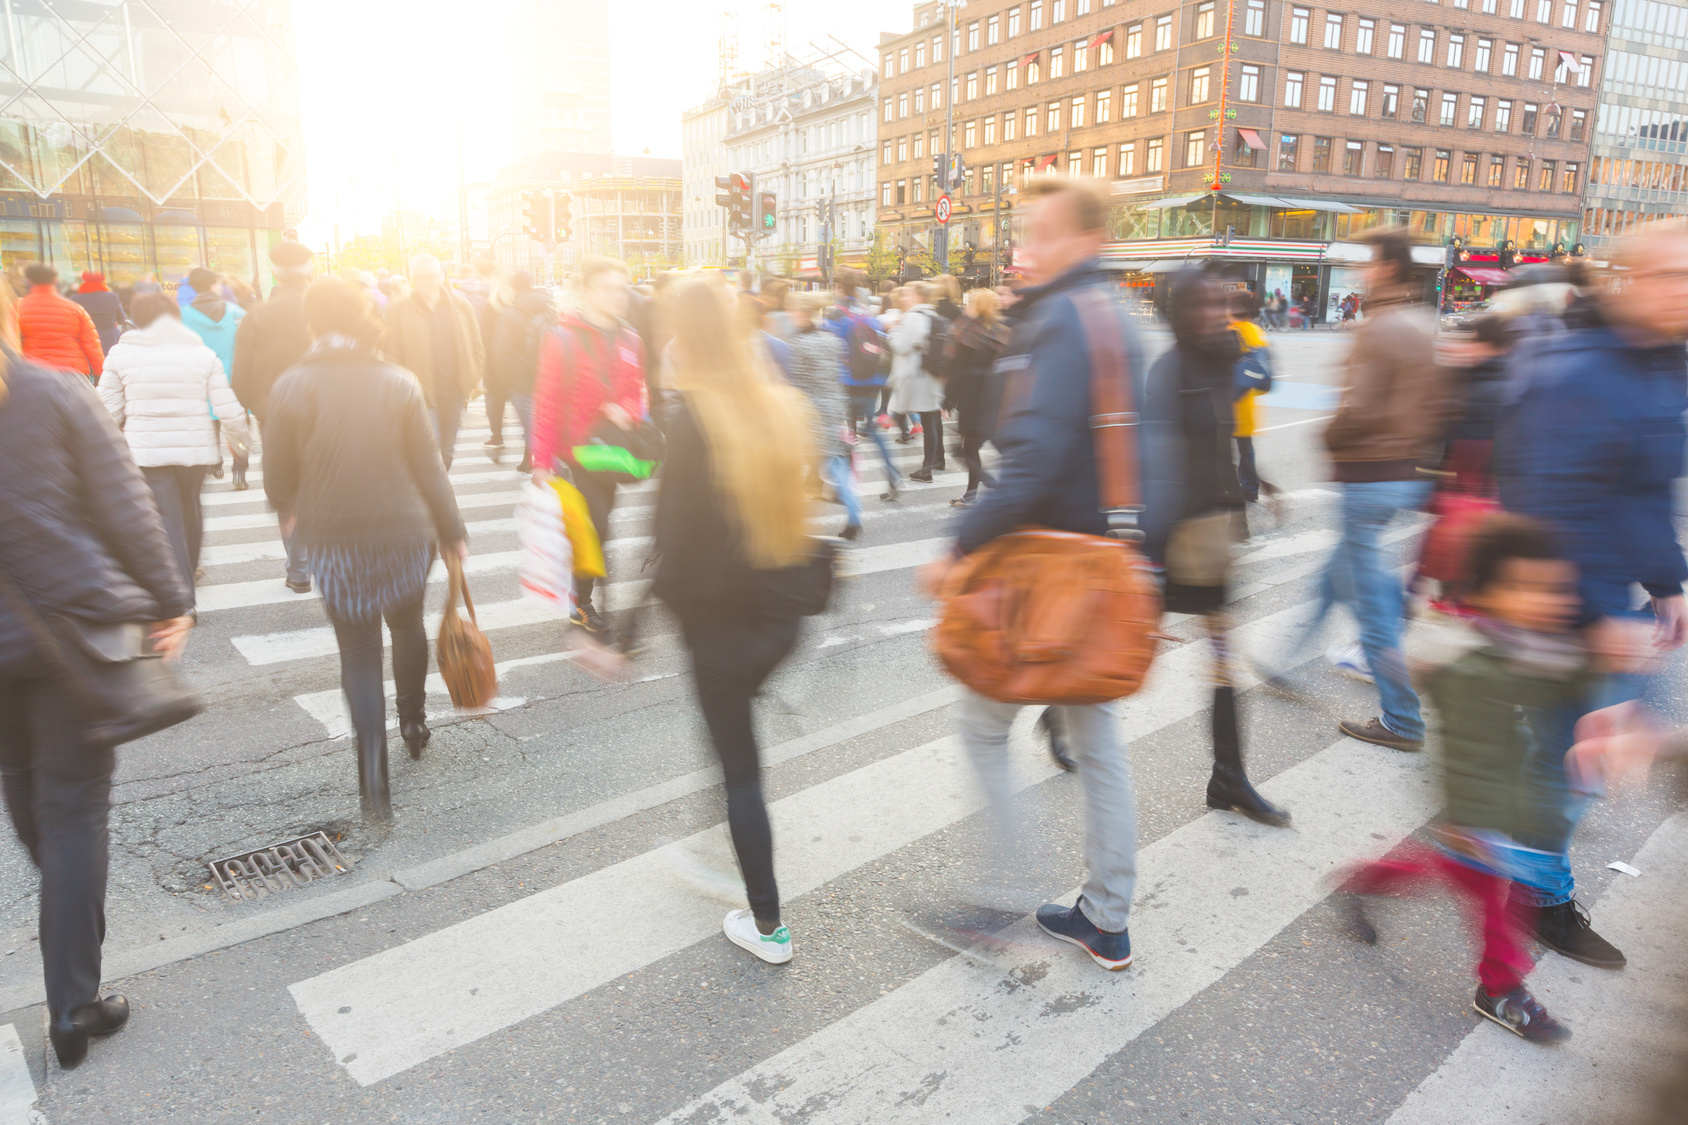 Fußgänger auf einem Zebrastreifen